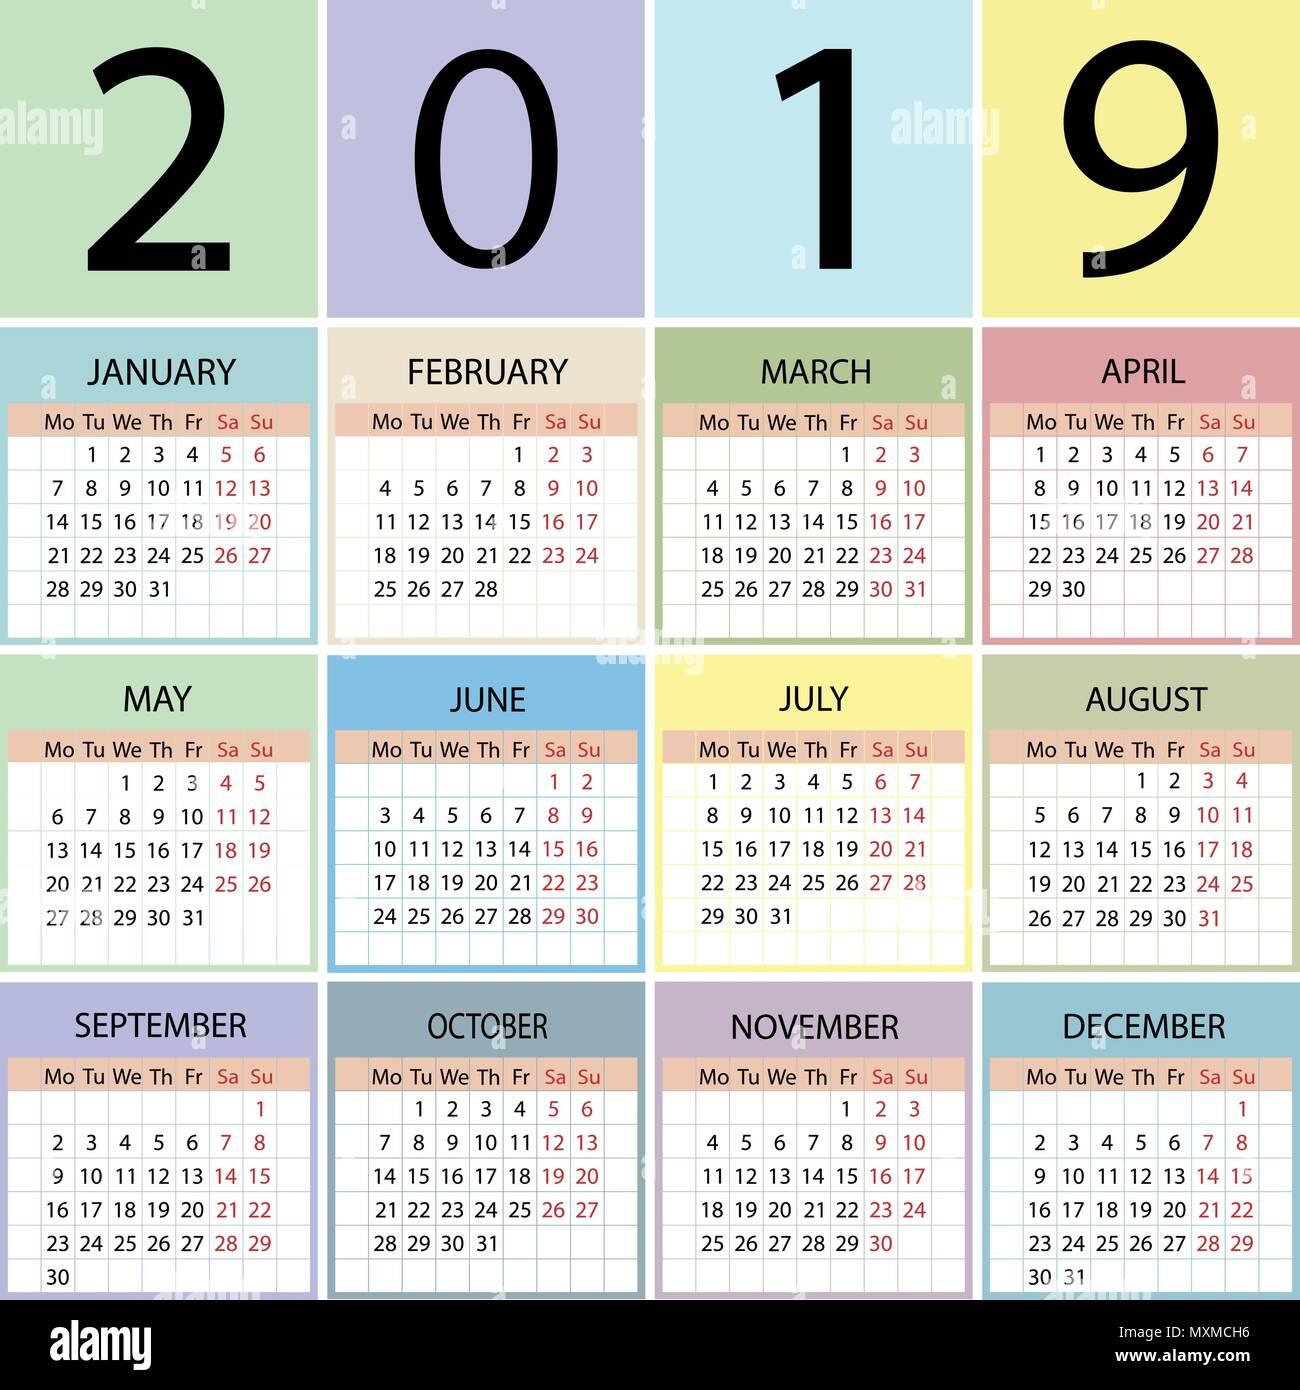 Calendario Settimane Anno 2019.Calendario Anno 2019 La Settimana Inizia Con Il Lunedi